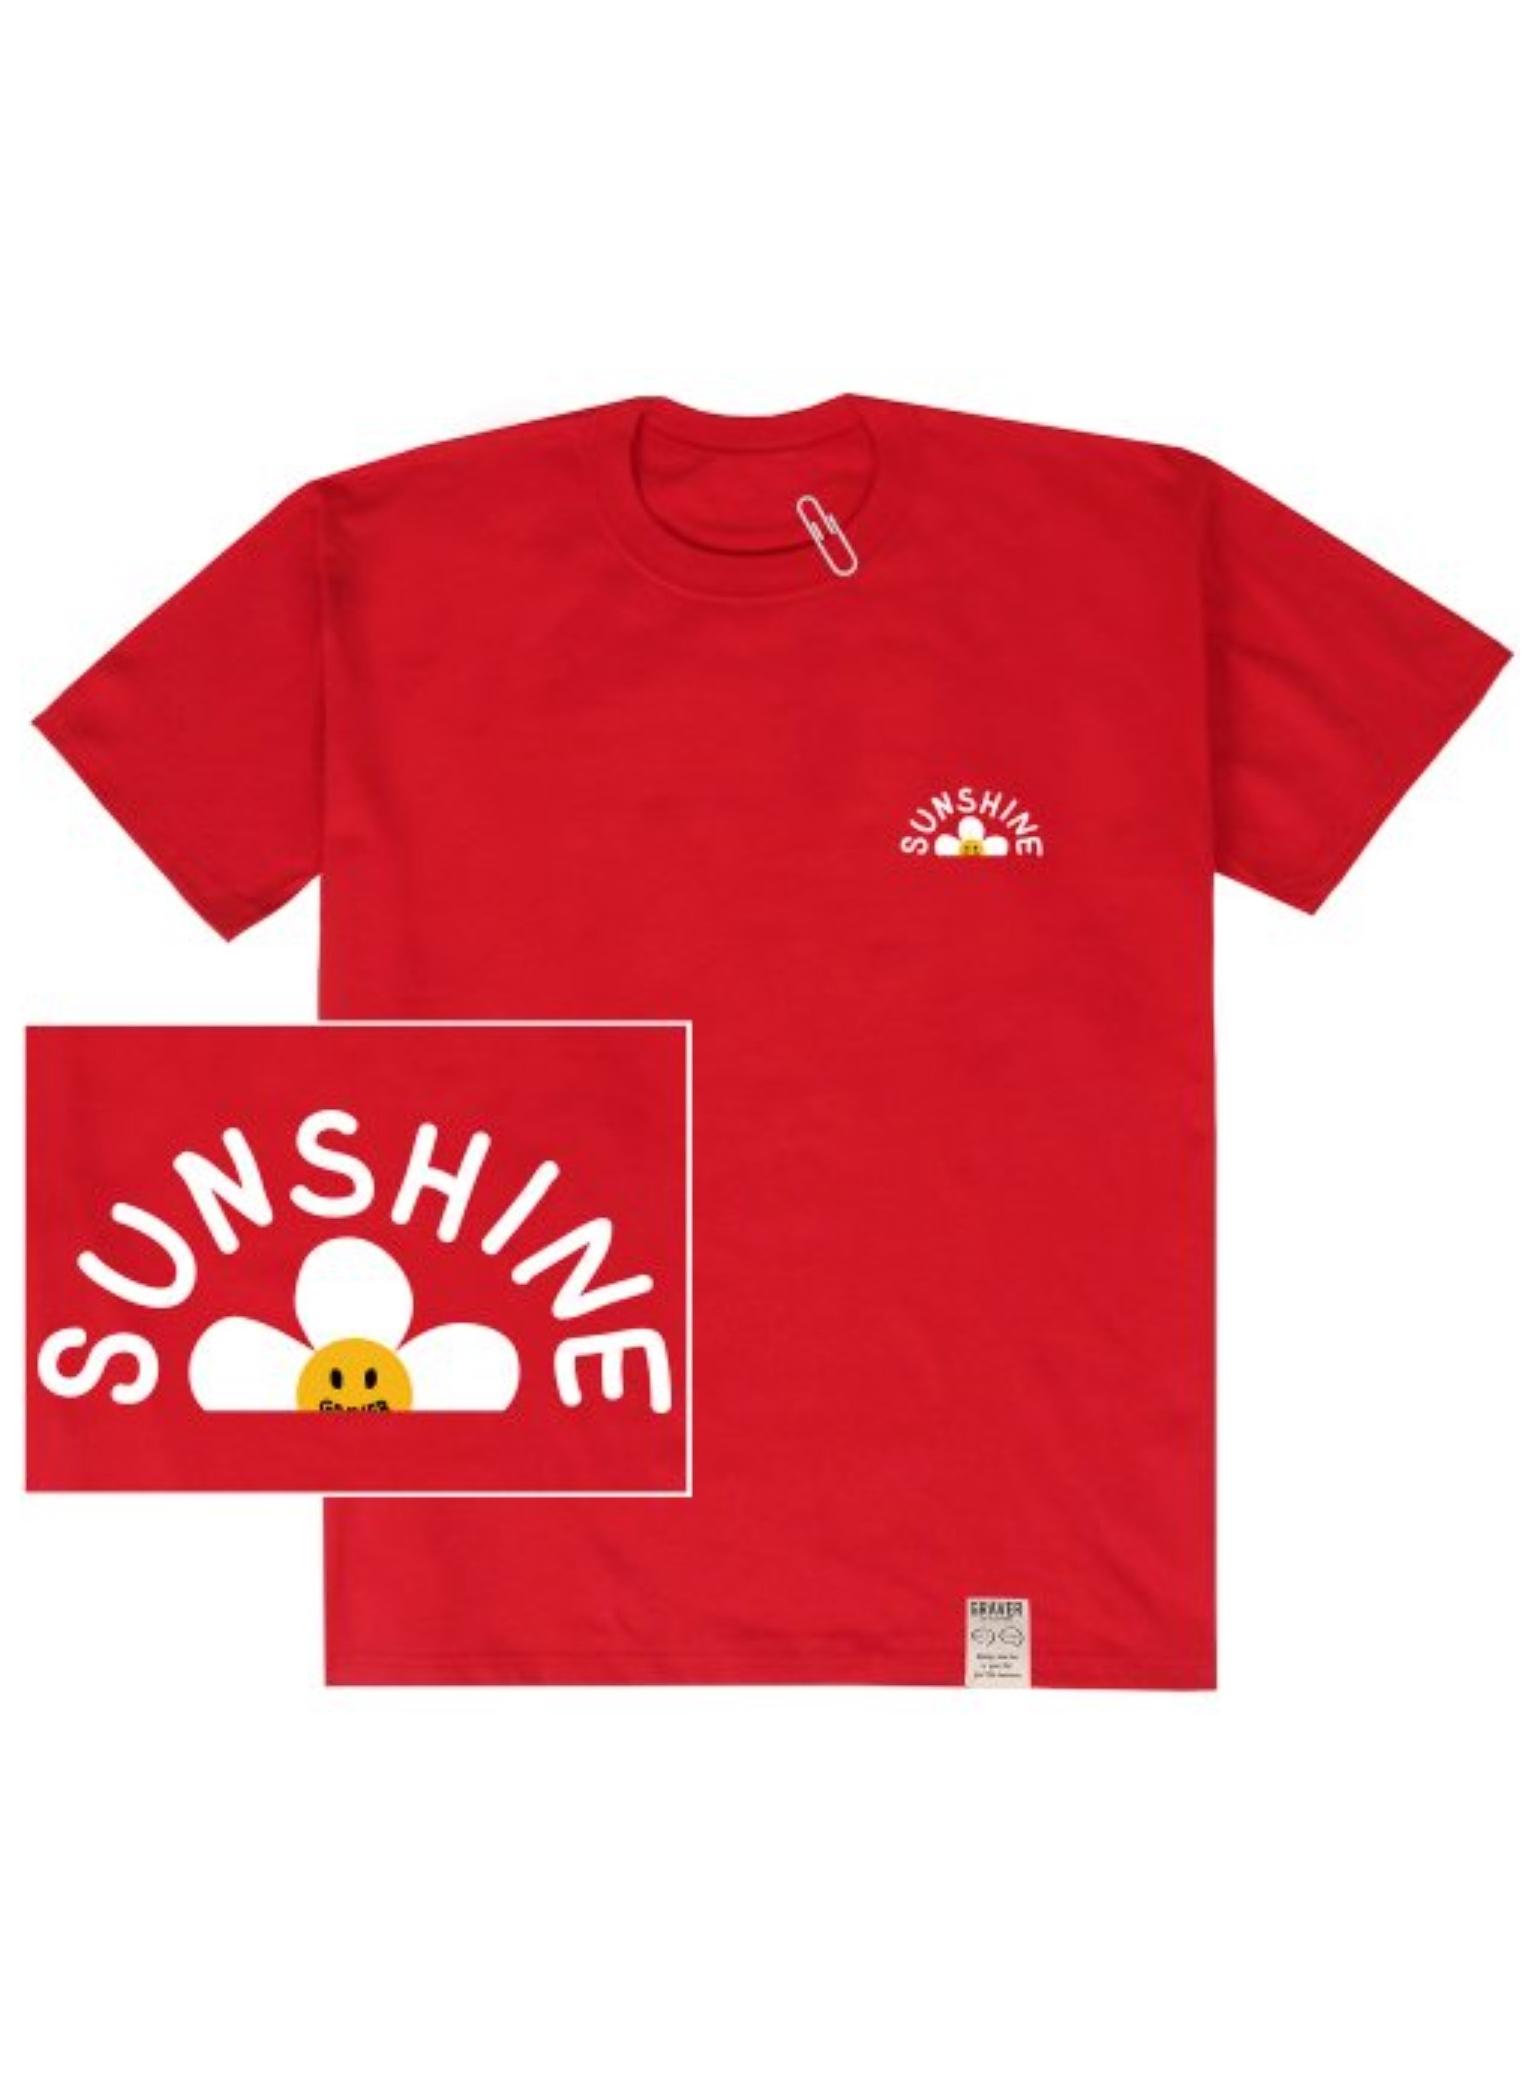 [UNISEX] Sunshine Flower Smile White Clip Short Sleeve Tee_Red